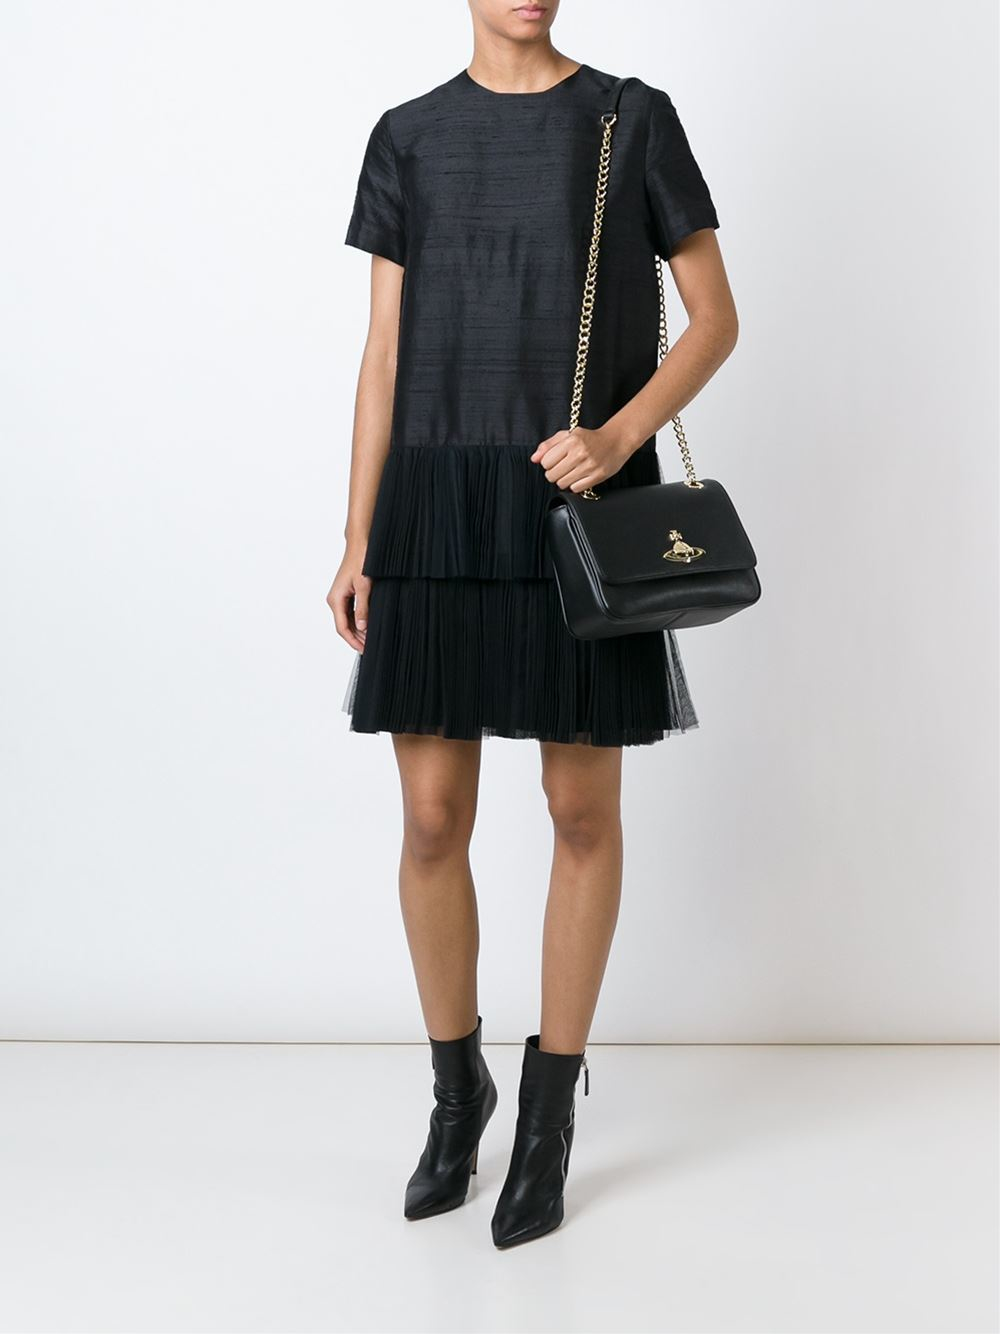 b0e039ef053 Vivienne Westwood Anglomania Logo Plaque Shoulder Bag in Black - Lyst